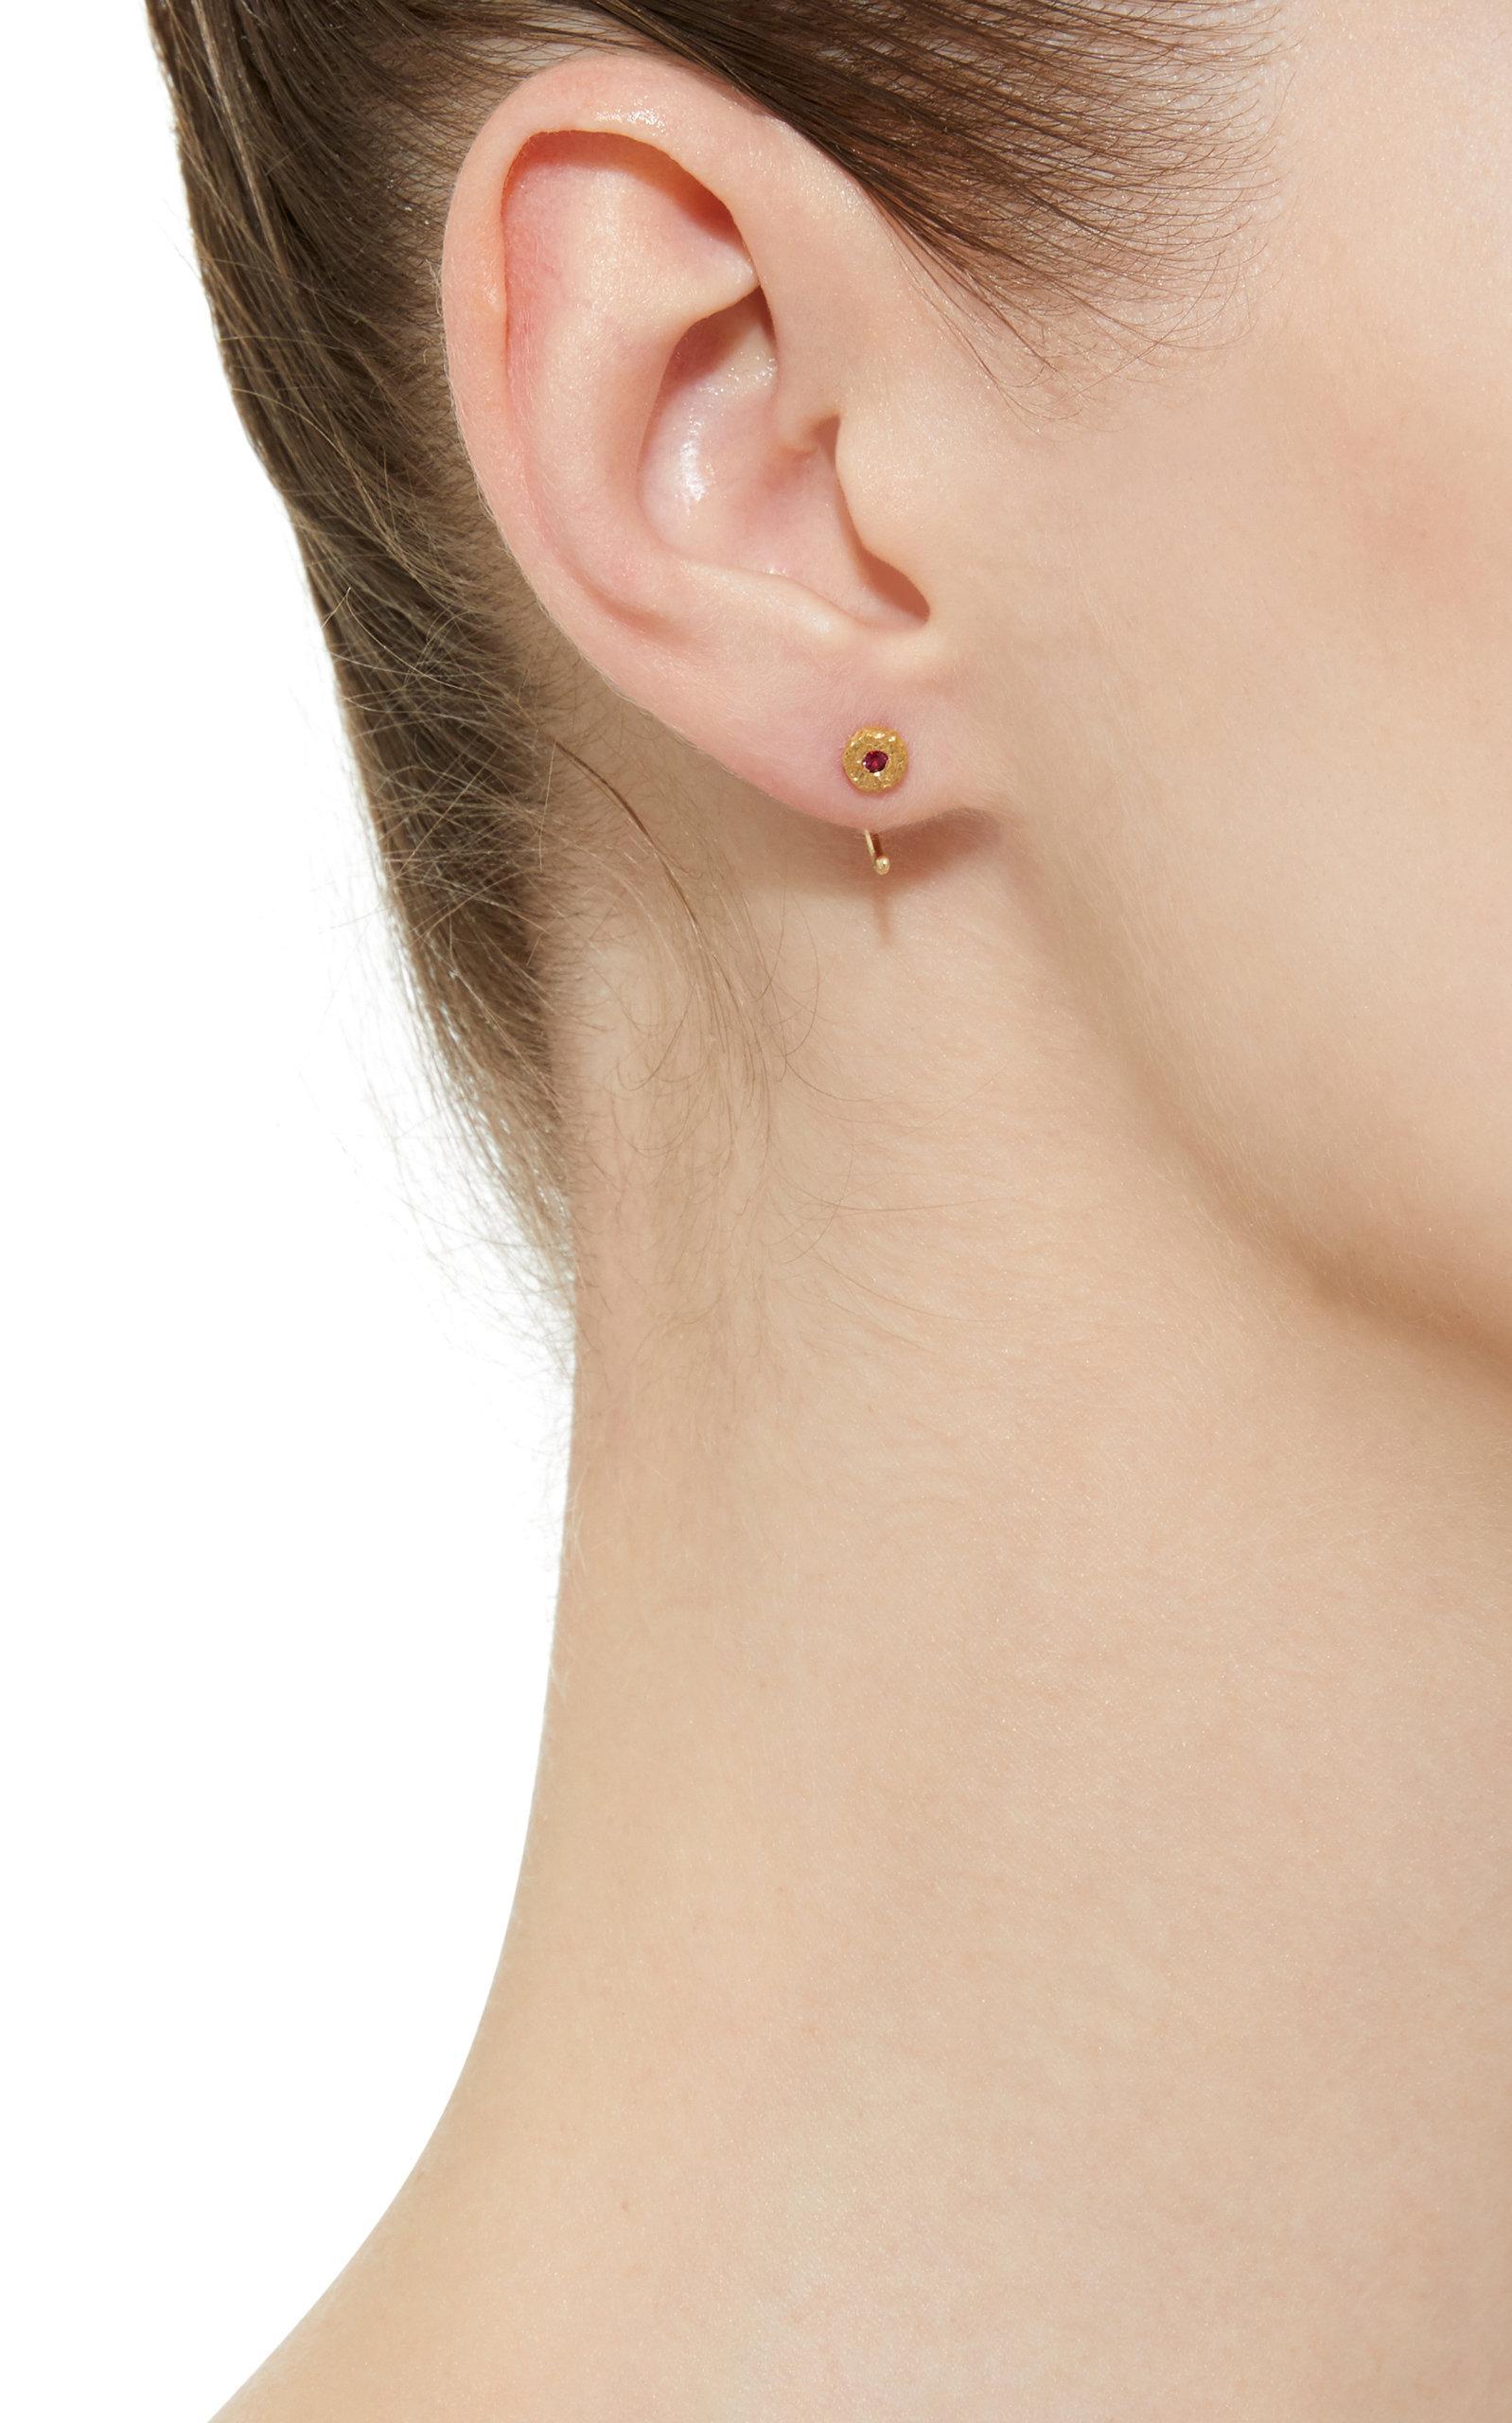 aeebc90db Octavia Elizabeth - Red Ruby Nesting Gem 18k Gold Ruby Earrings - Lyst.  View fullscreen